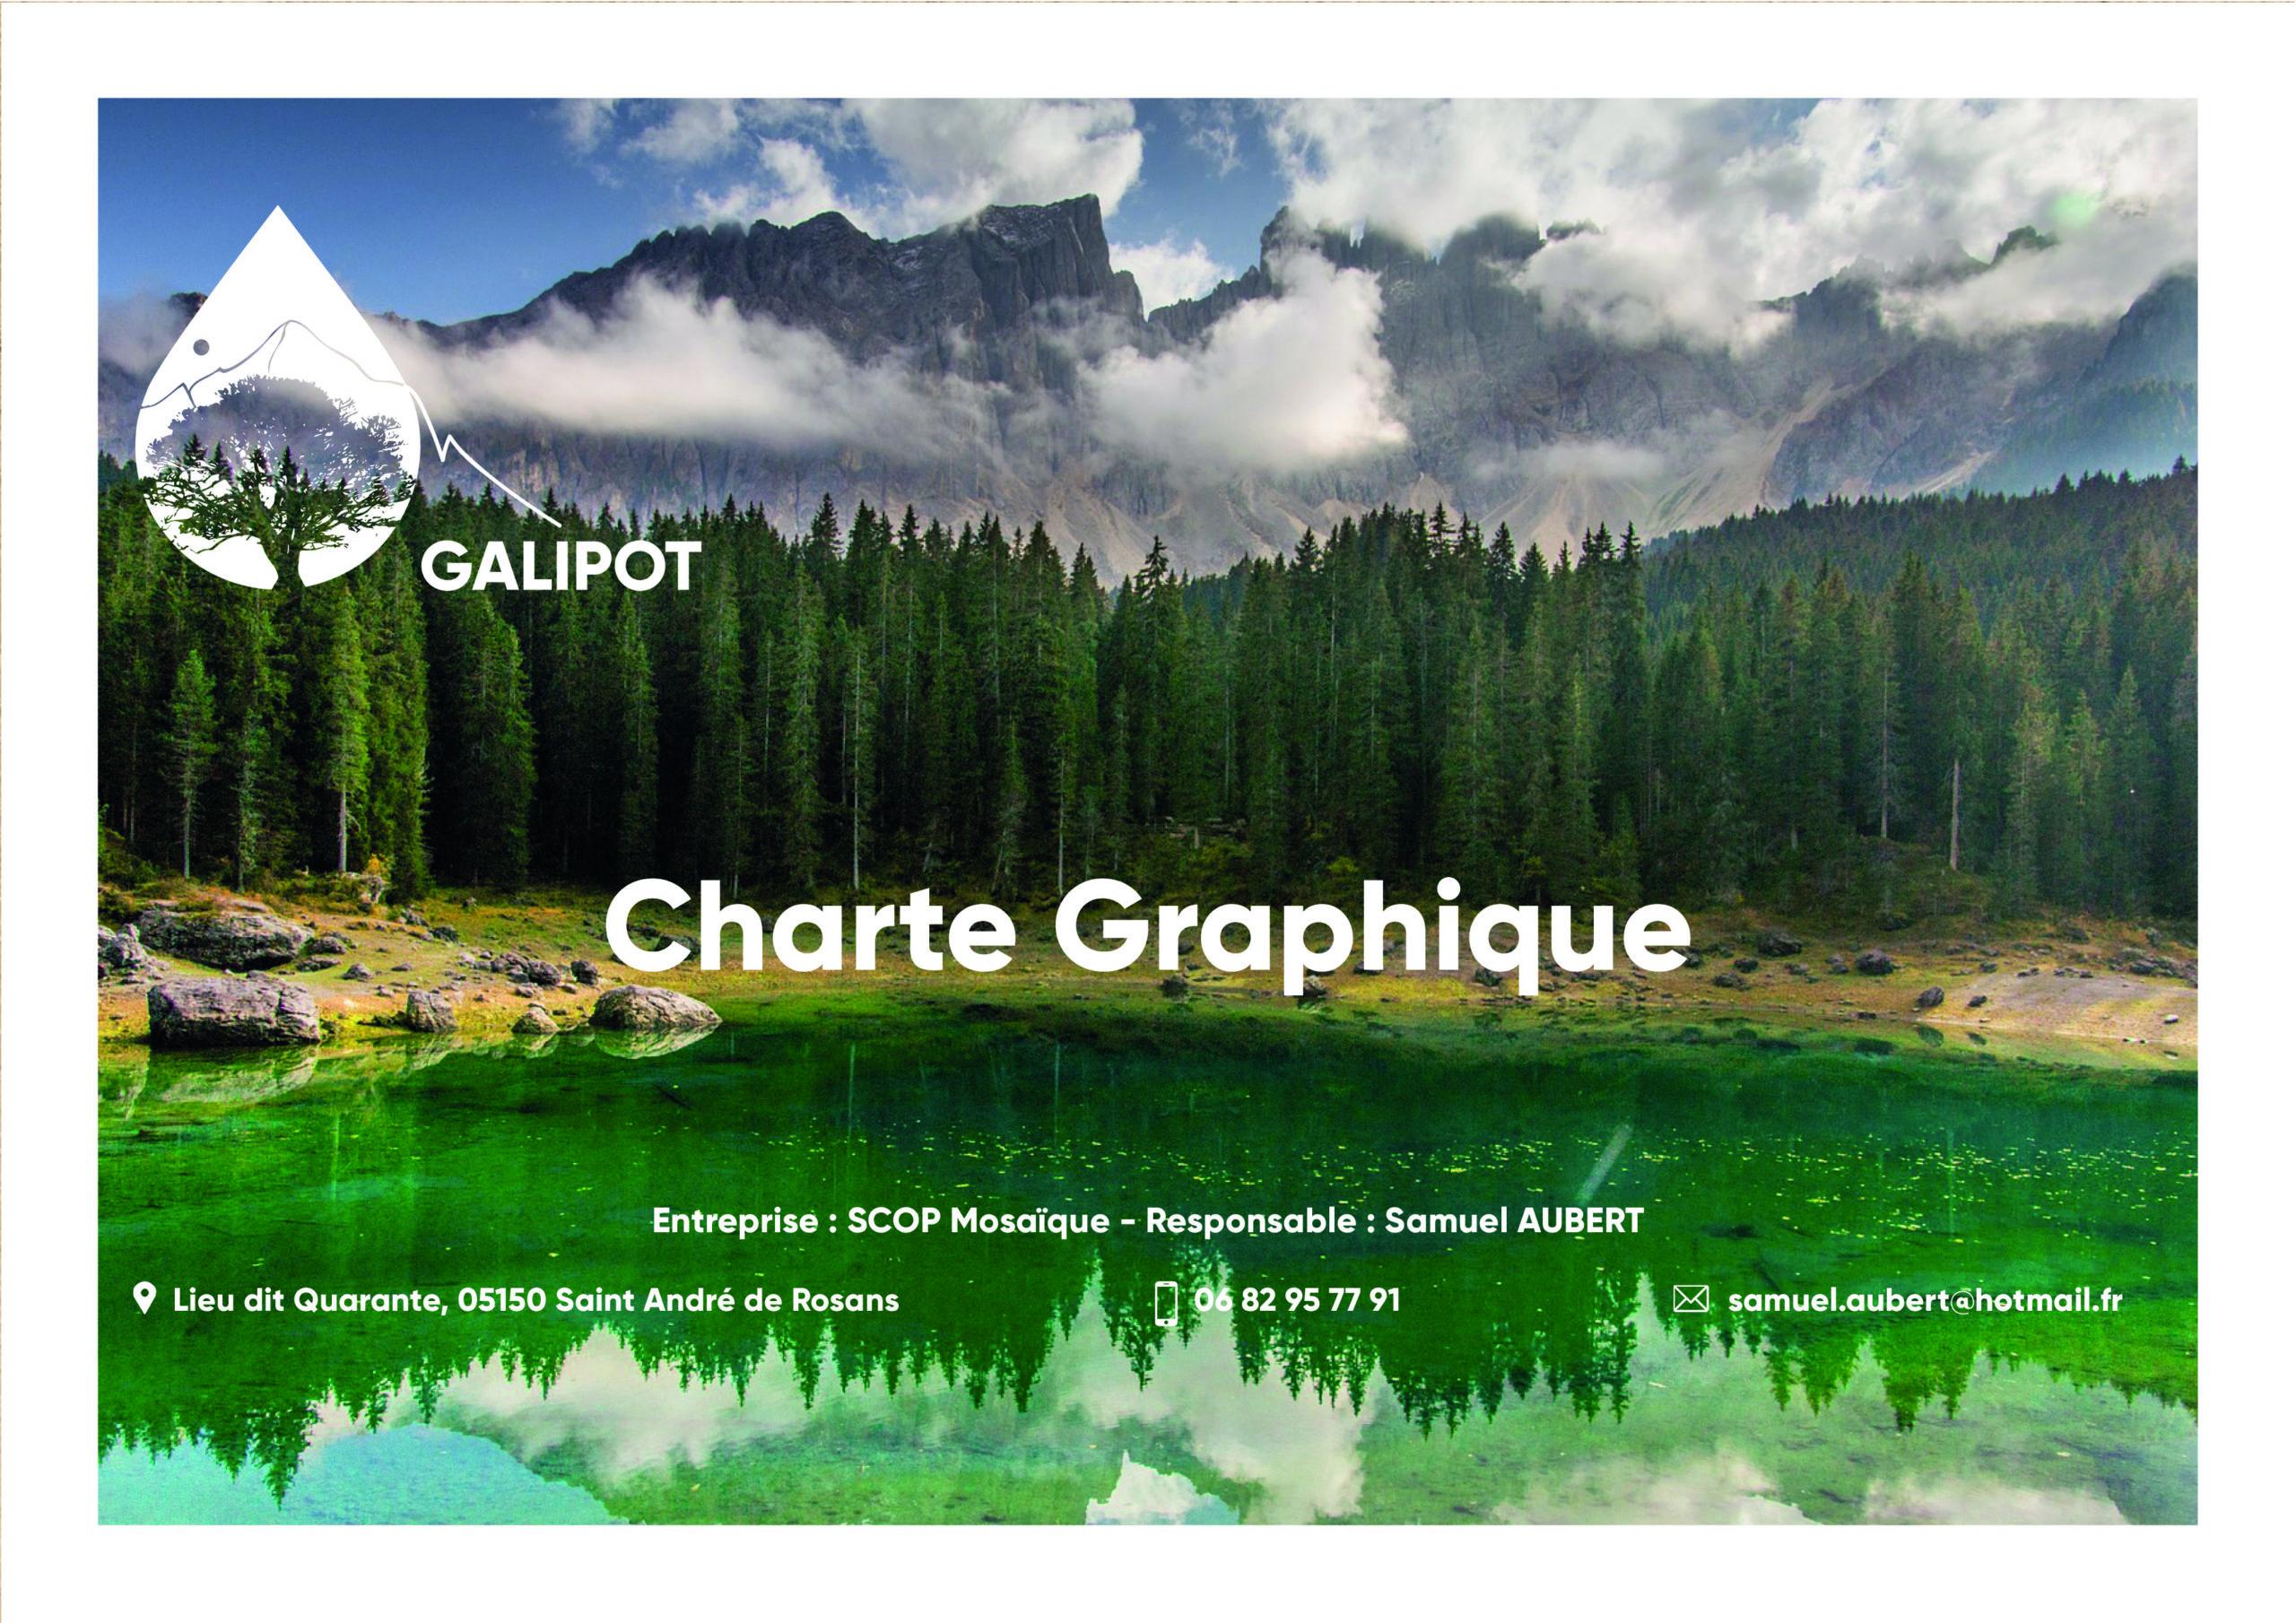 charte graphique réalisée pour GALIPOT